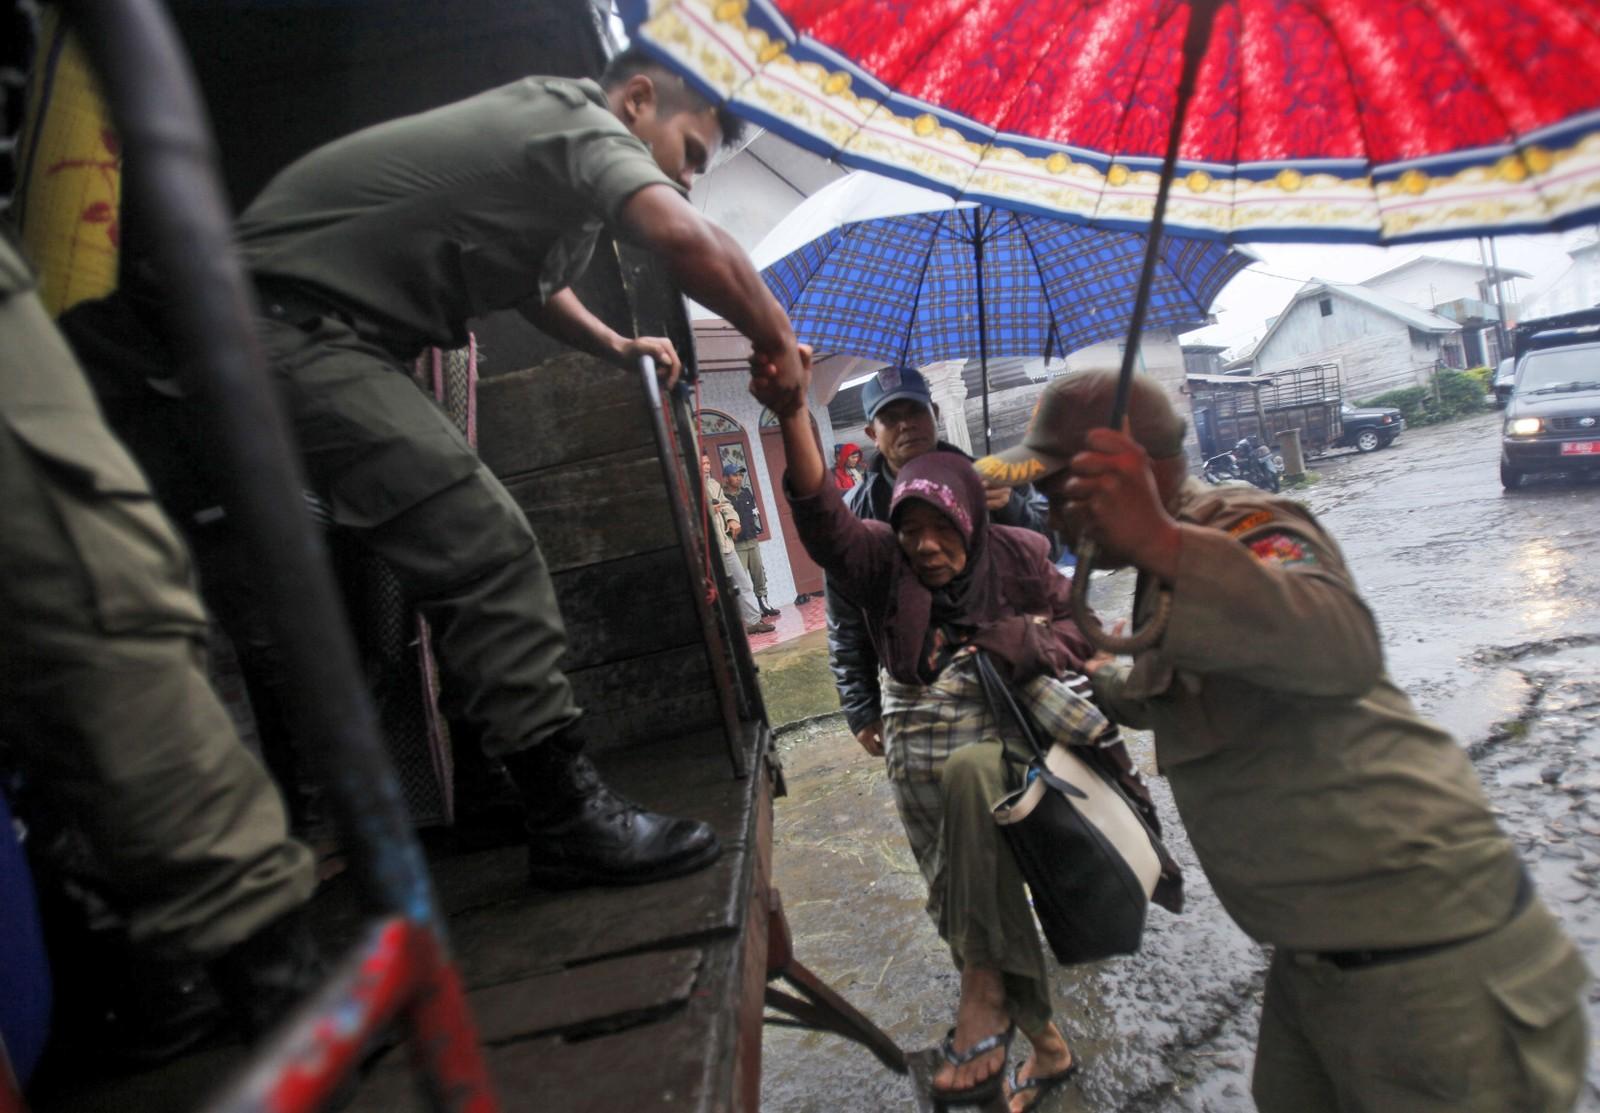 En eldre kvinne blir hjulpet opp på lasteplanet. Flere tusen er evakuert fra dalsidene under Sinabung-vulkanen.